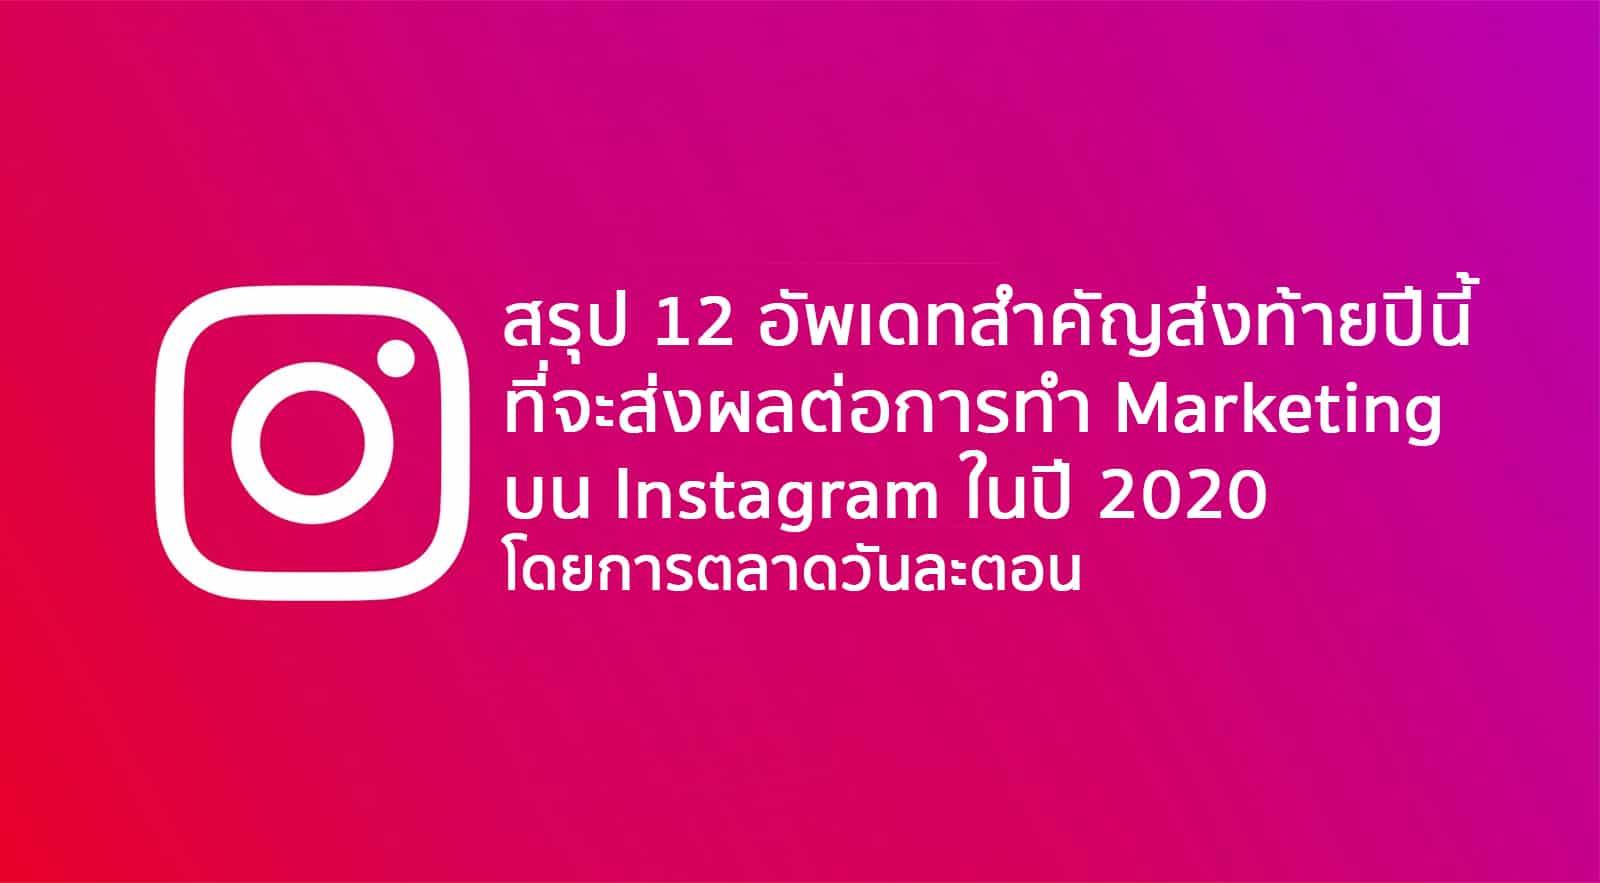 อัพเดท 12 เรื่องสำคัญของ Instagram ส่งท้ายปี 2019 เตรียมพร้อมเข้าสู่ปี 2020